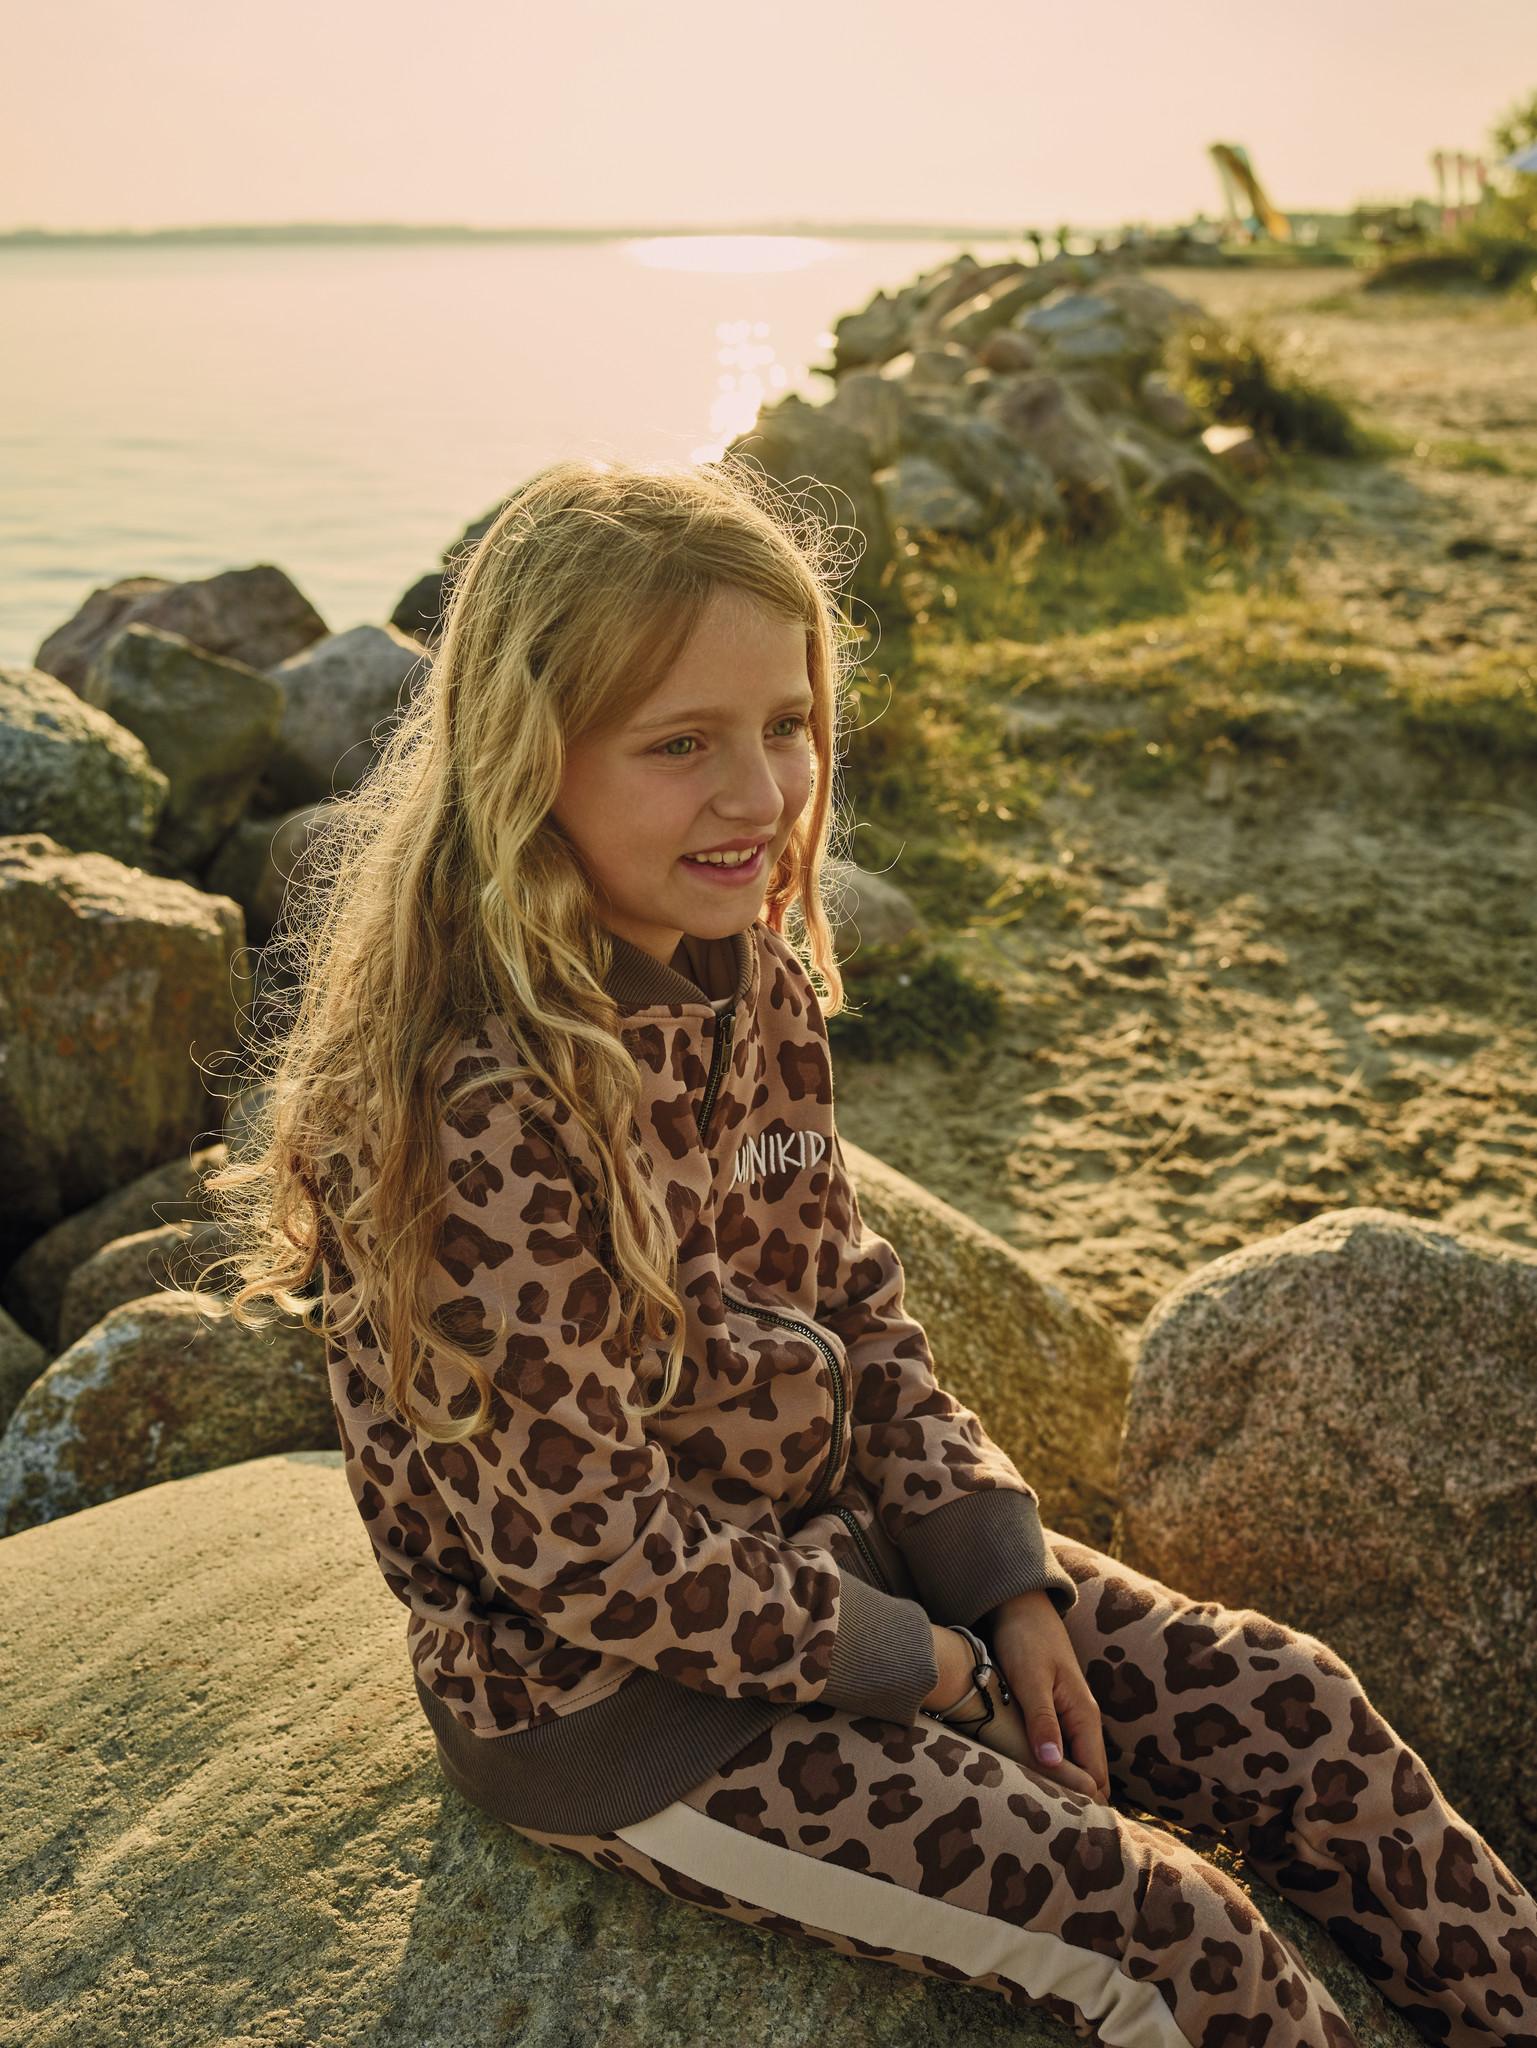 Minikid COOL BOMBER JACKET FOR CHILDREN | LONG BOMBER OF SOFT DENIM | MINIKID - Copy